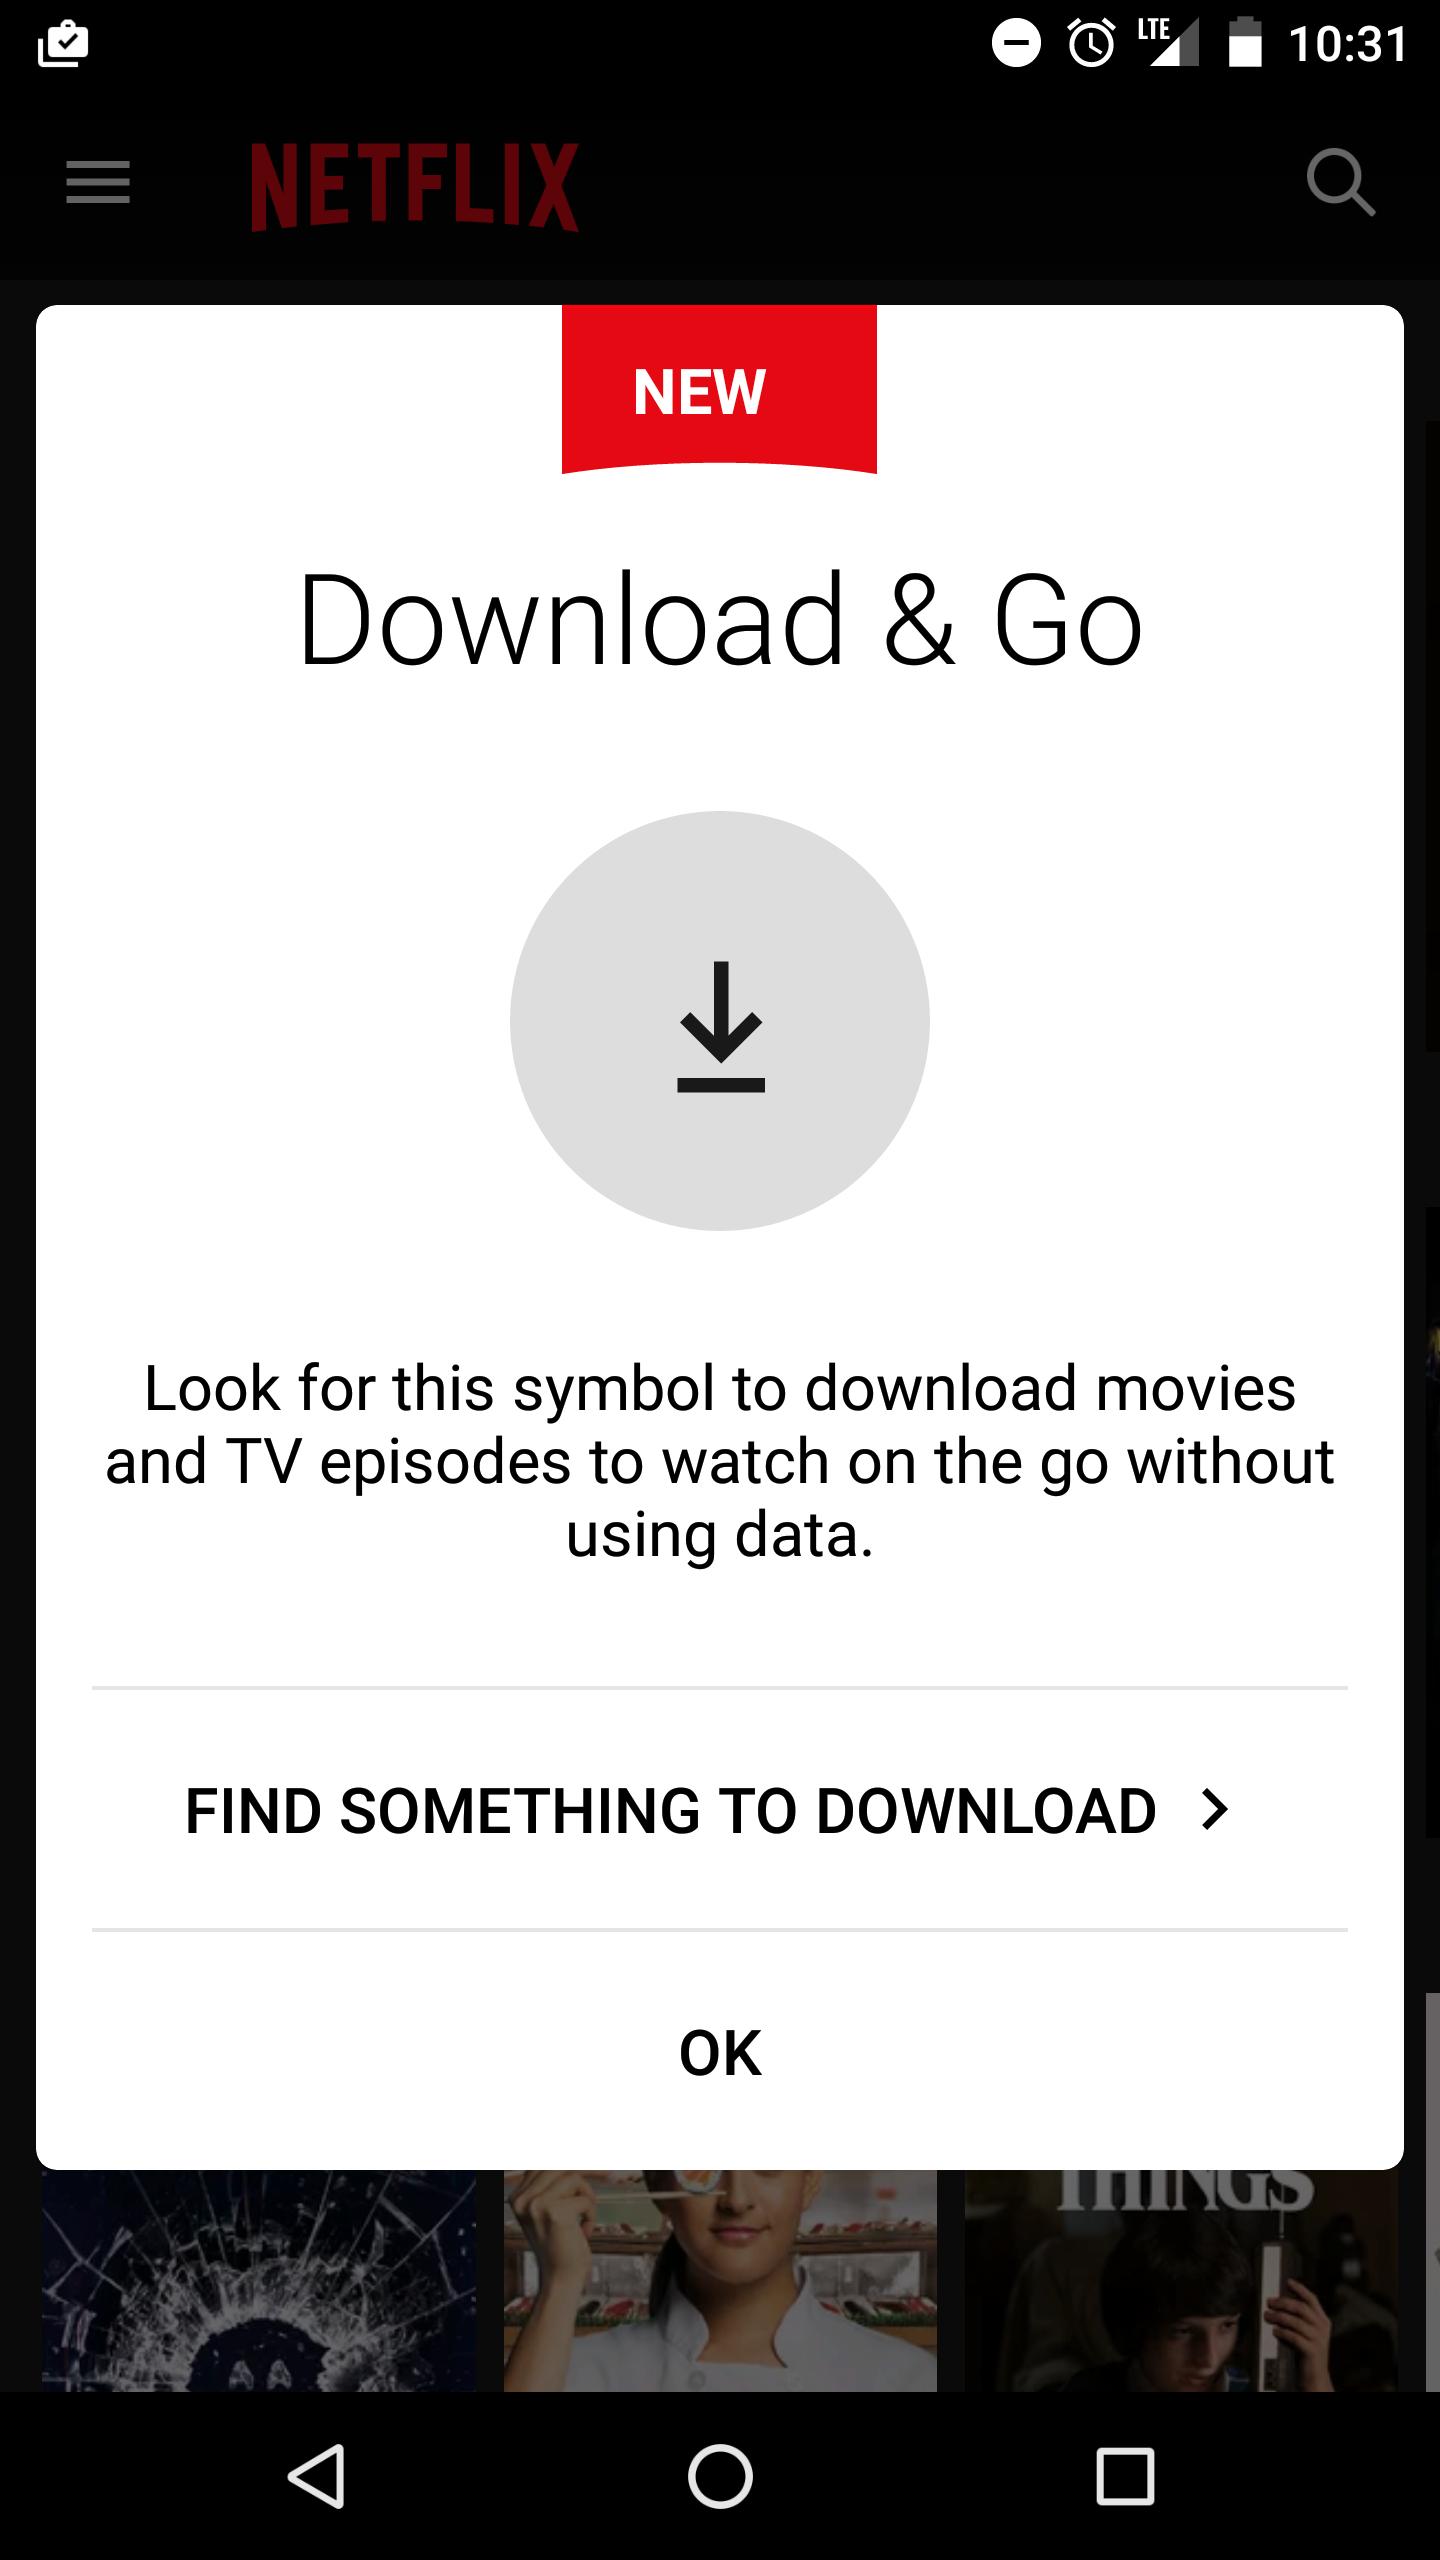 Netflix: Download & Go; descarga peliculas y series con tu suscripción para ver contenido offline